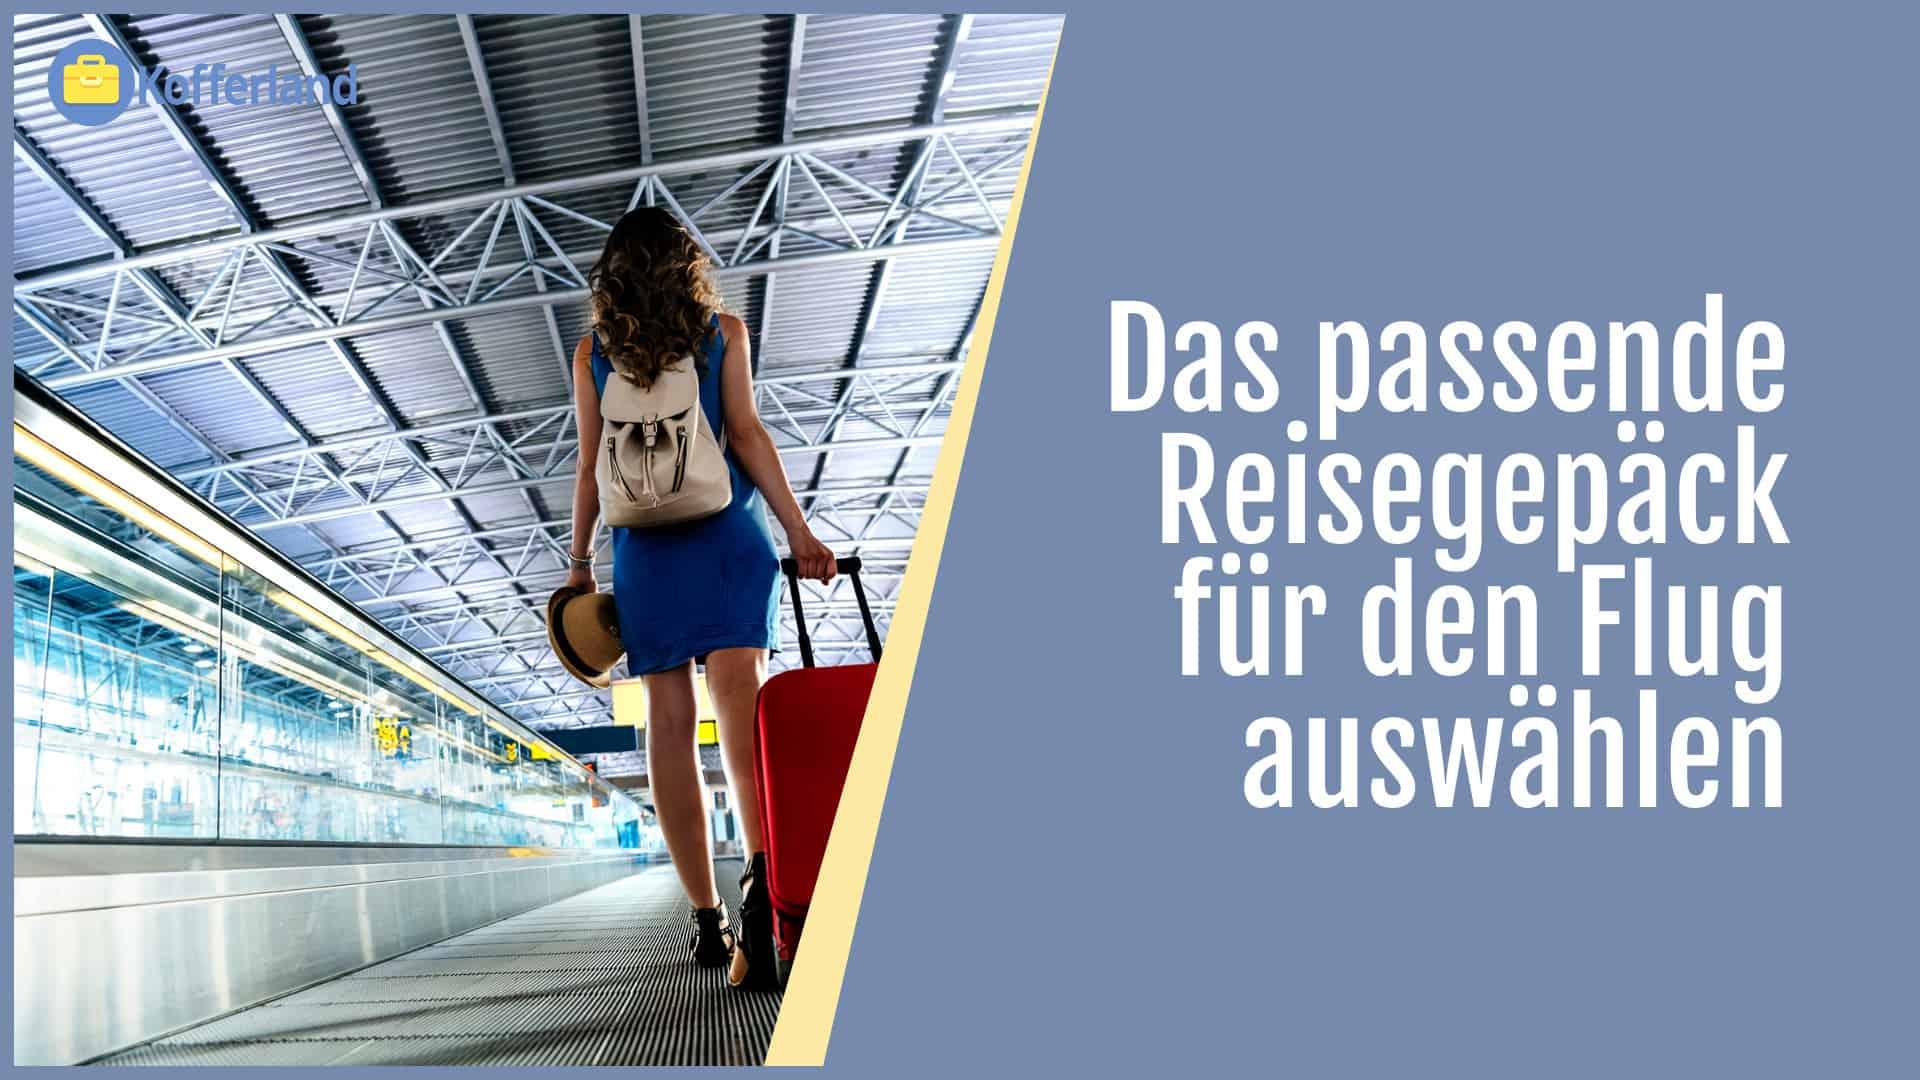 Kofferland passendes Reisegepäck für den Flug auswählen